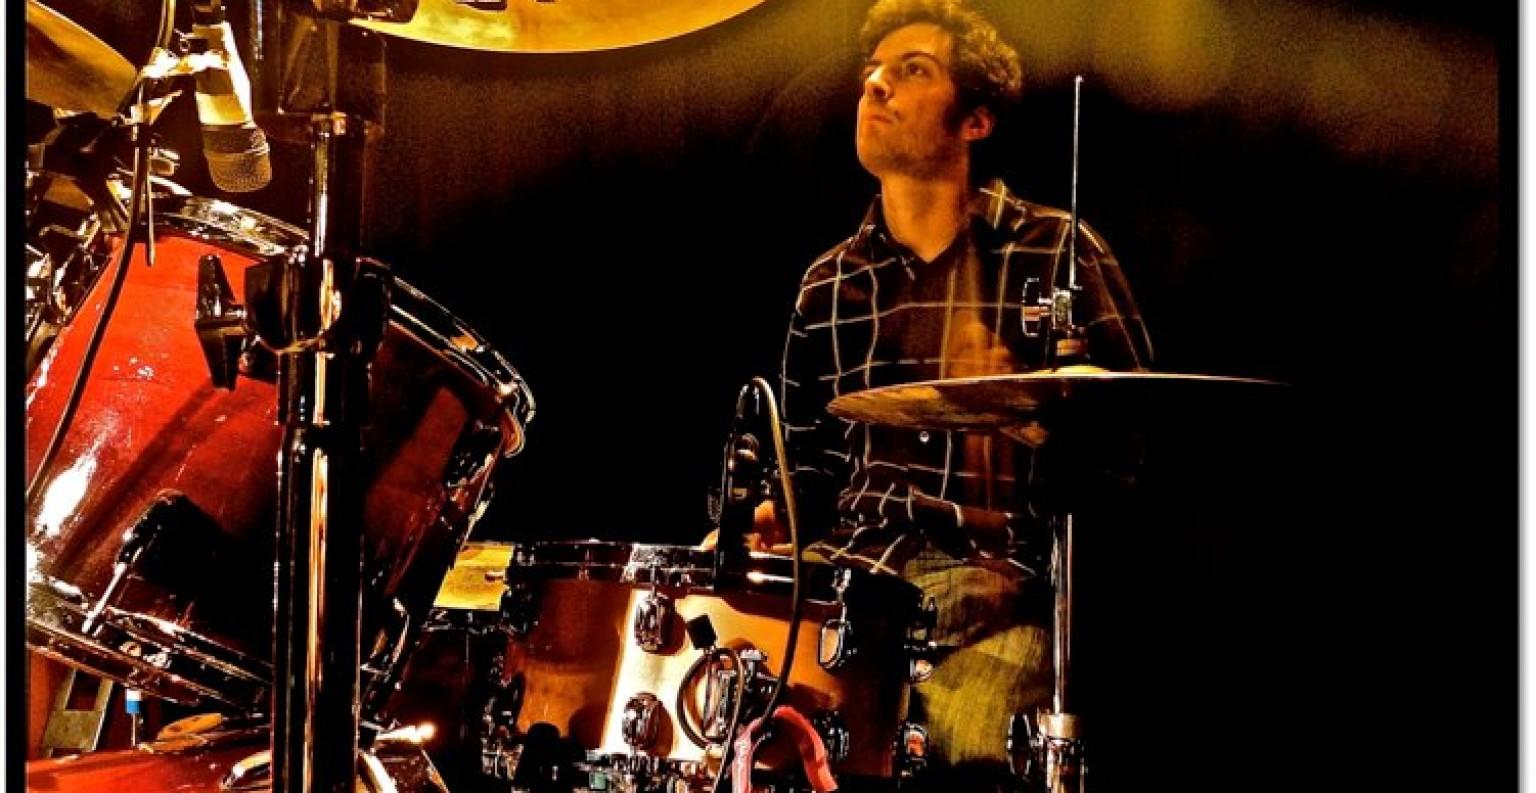 Le groupe Dirty Sound Klub en concert. ©AlexCerr